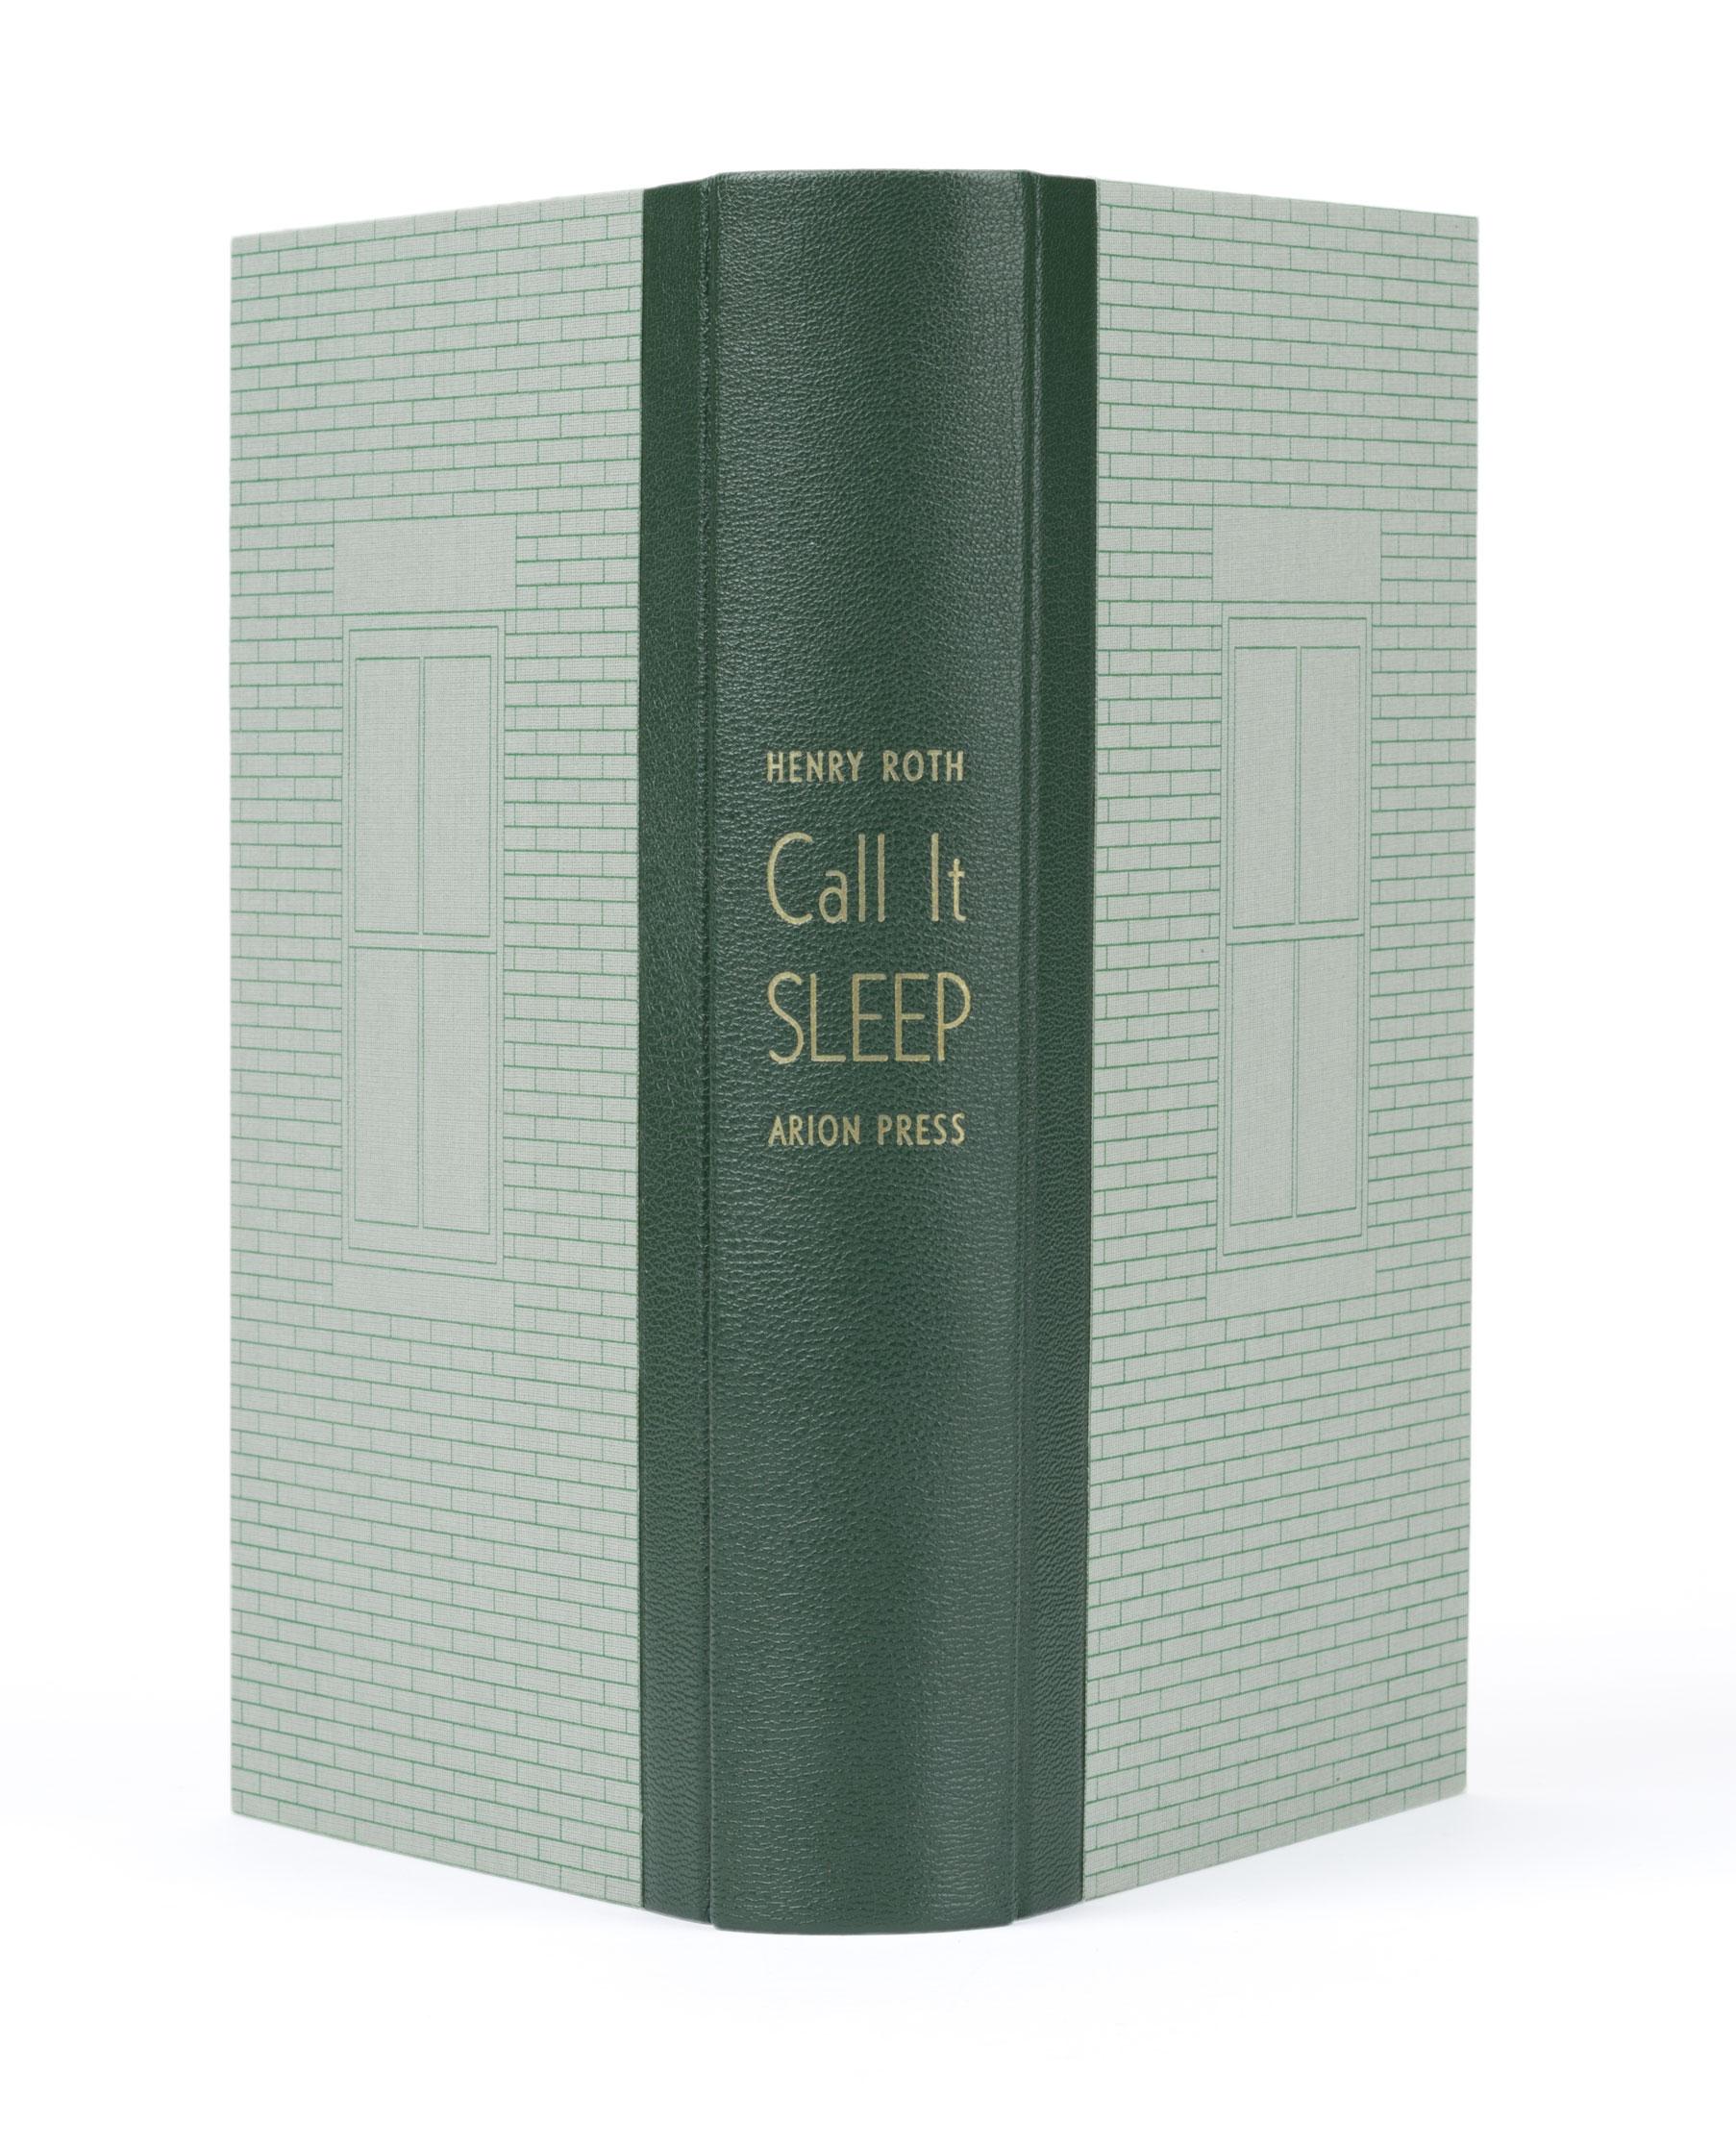 045_Call-it-Sleep.binding.03.jpg